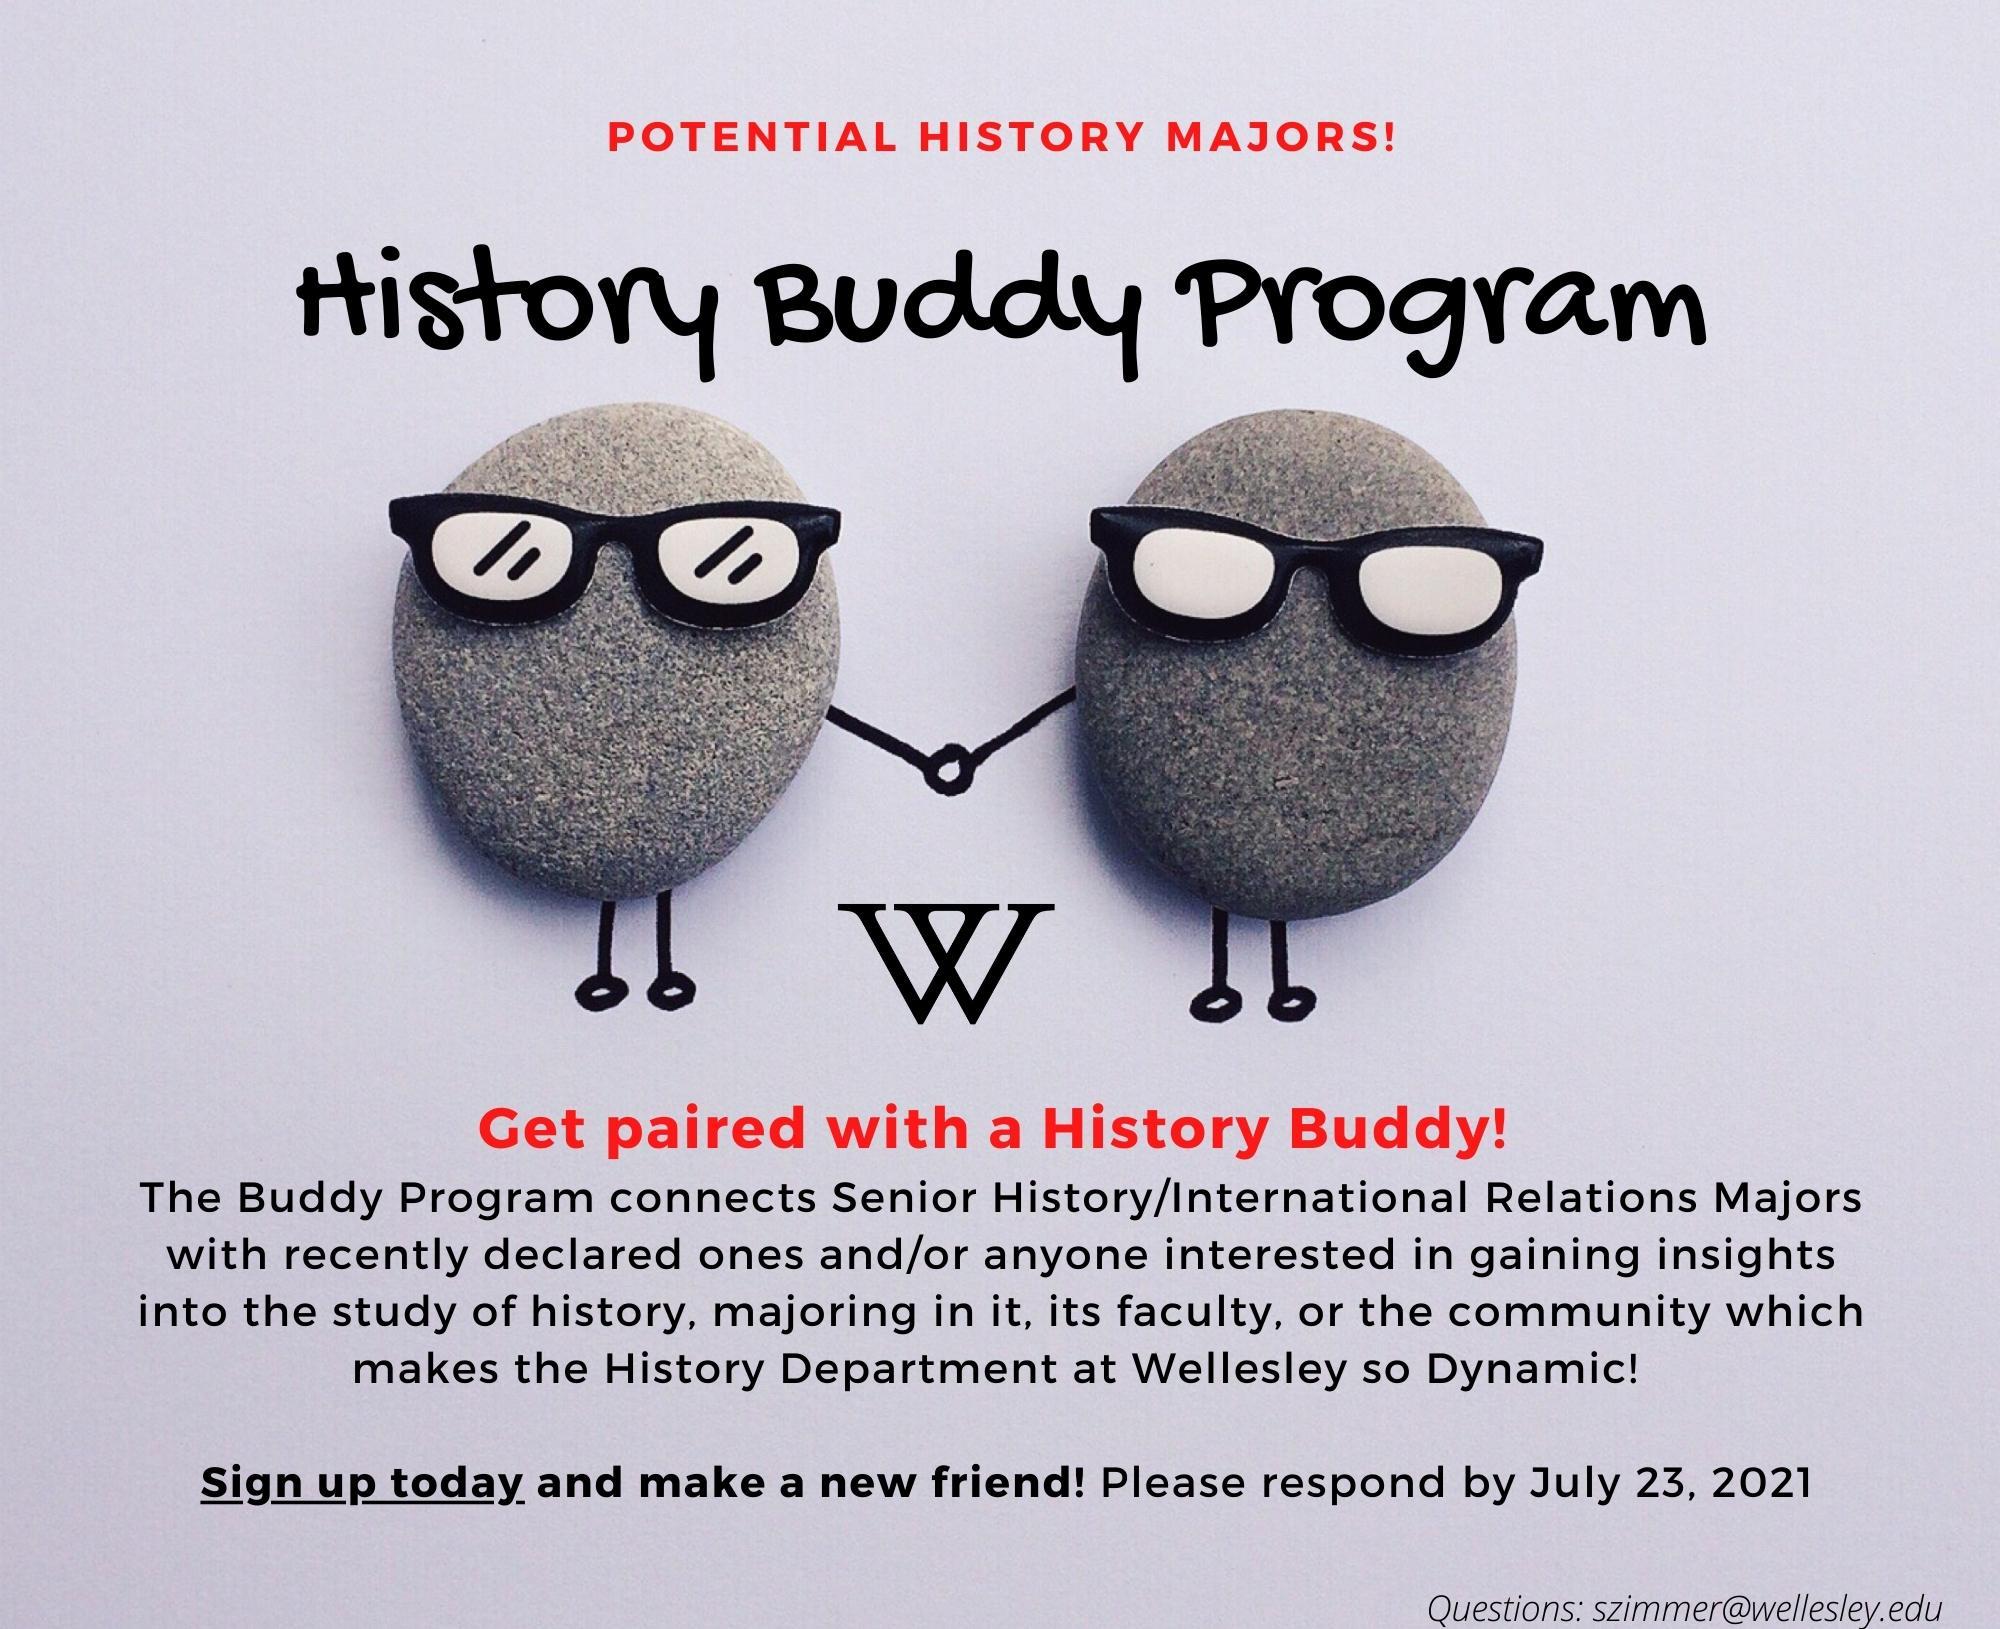 History Buddy Program